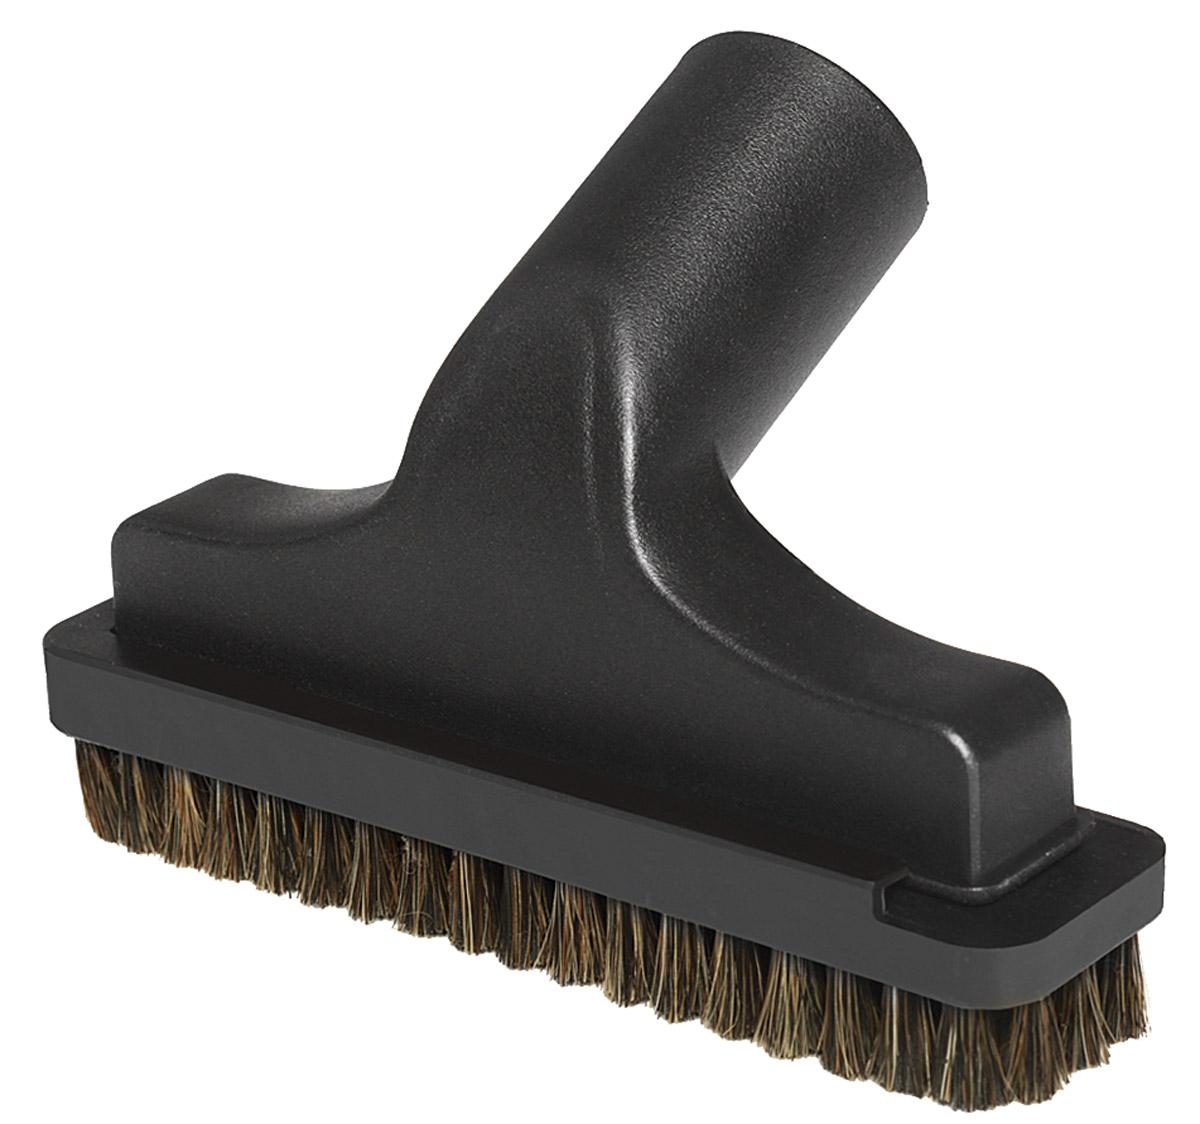 Neolux TN-06 насадка с натуральным ворсом для очистки мягкой мебели и одеждыTN-06Насадка Neolux TN-06 предназначена для эффективной очистки мягкой мебели и одежды. Для возможности чистки различных типов поверхностей насадка имеет съемную часть с антистатичным, износоустойчивым, мягким ворсом из натуральной щетины. Предназначена для пылесосов с диаметром удлинительной трубки 32 мм. Для использования с пылесосами с диаметром удлинительной трубки 35 мм. комплектуется переходником.